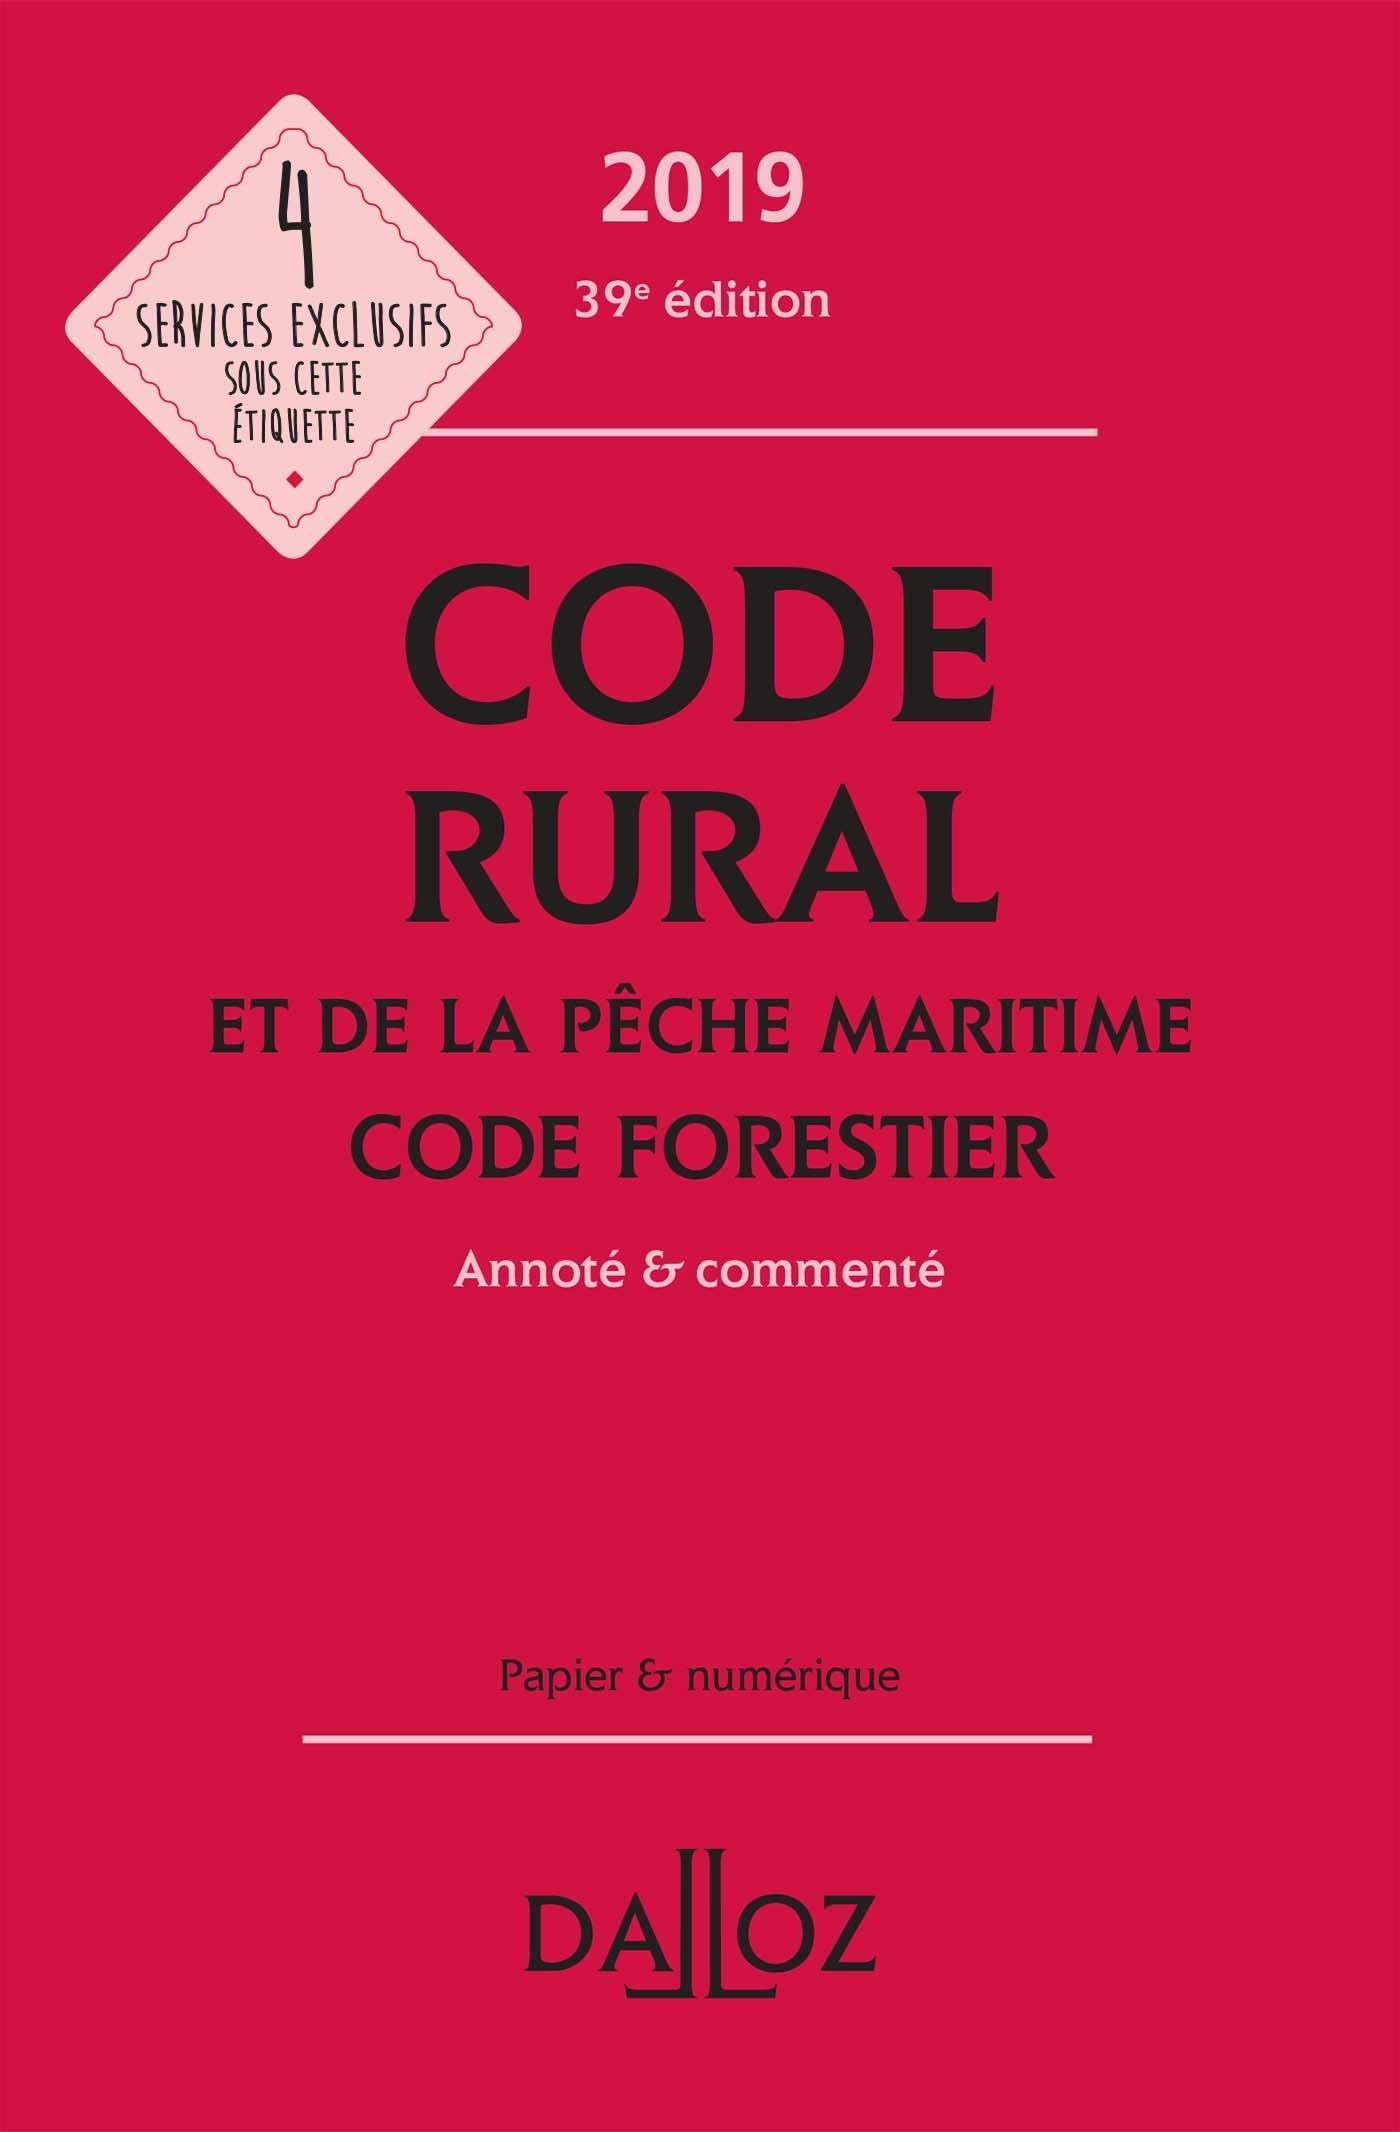 CODE RURAL ET DE LA PECHE MARITIME CODE FORESTIER 2019, ANNOTE ET COMMENTE - 39E ED.